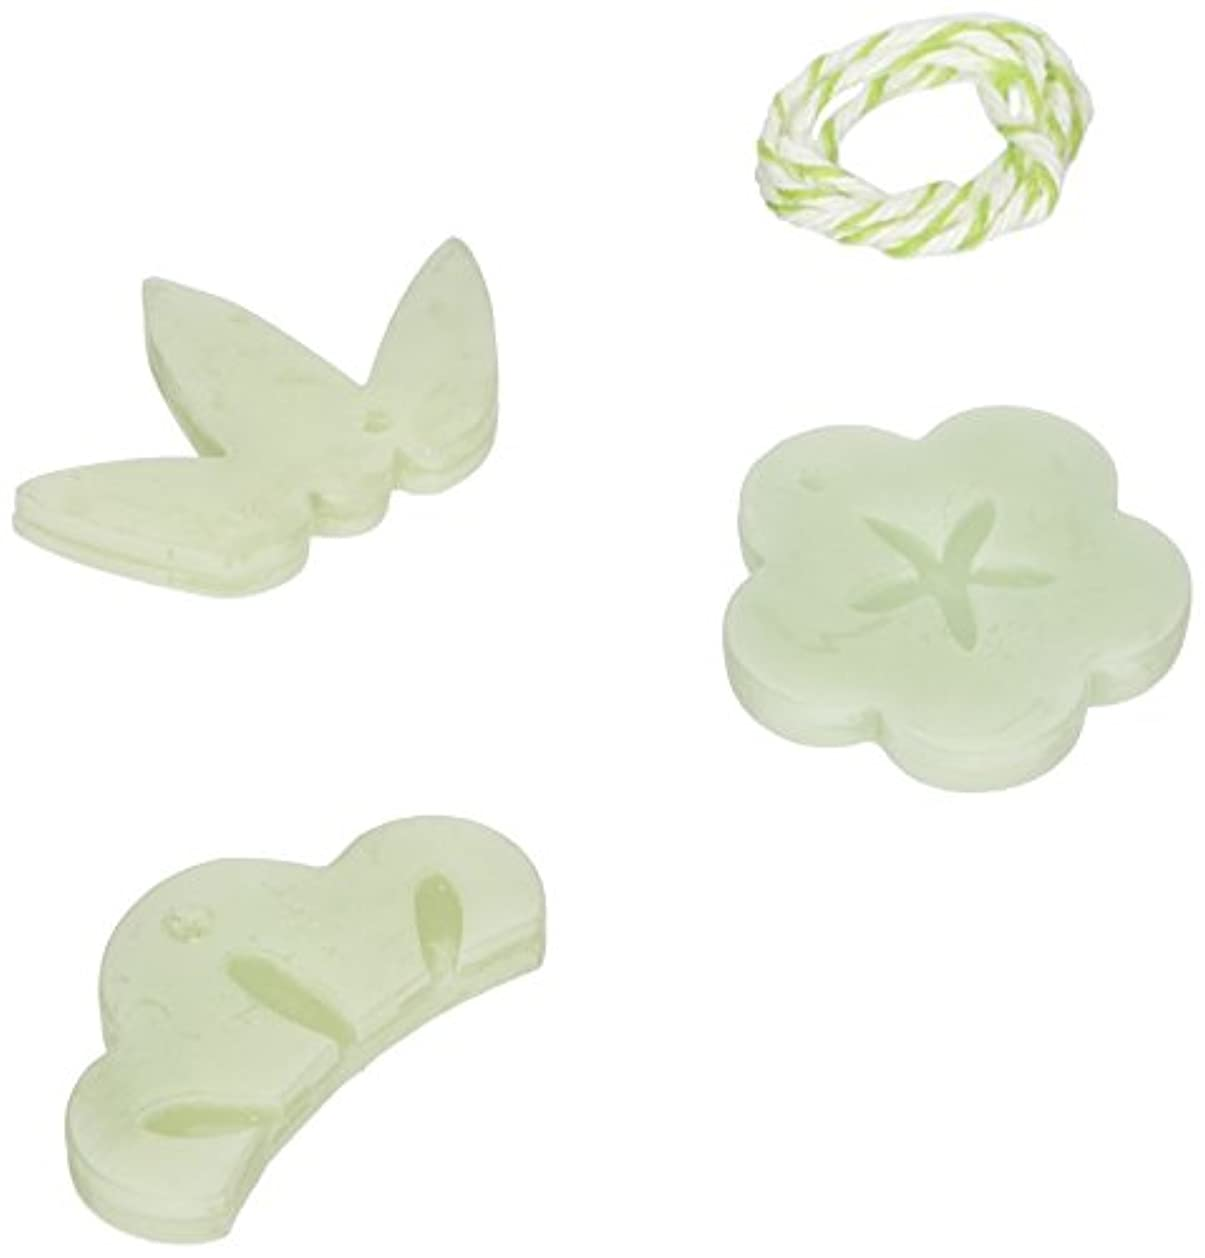 失う剥離調整可能GRASSE TOKYO AROMATICWAXチャーム「松竹梅」(GR) レモングラス アロマティックワックス グラーストウキョウ